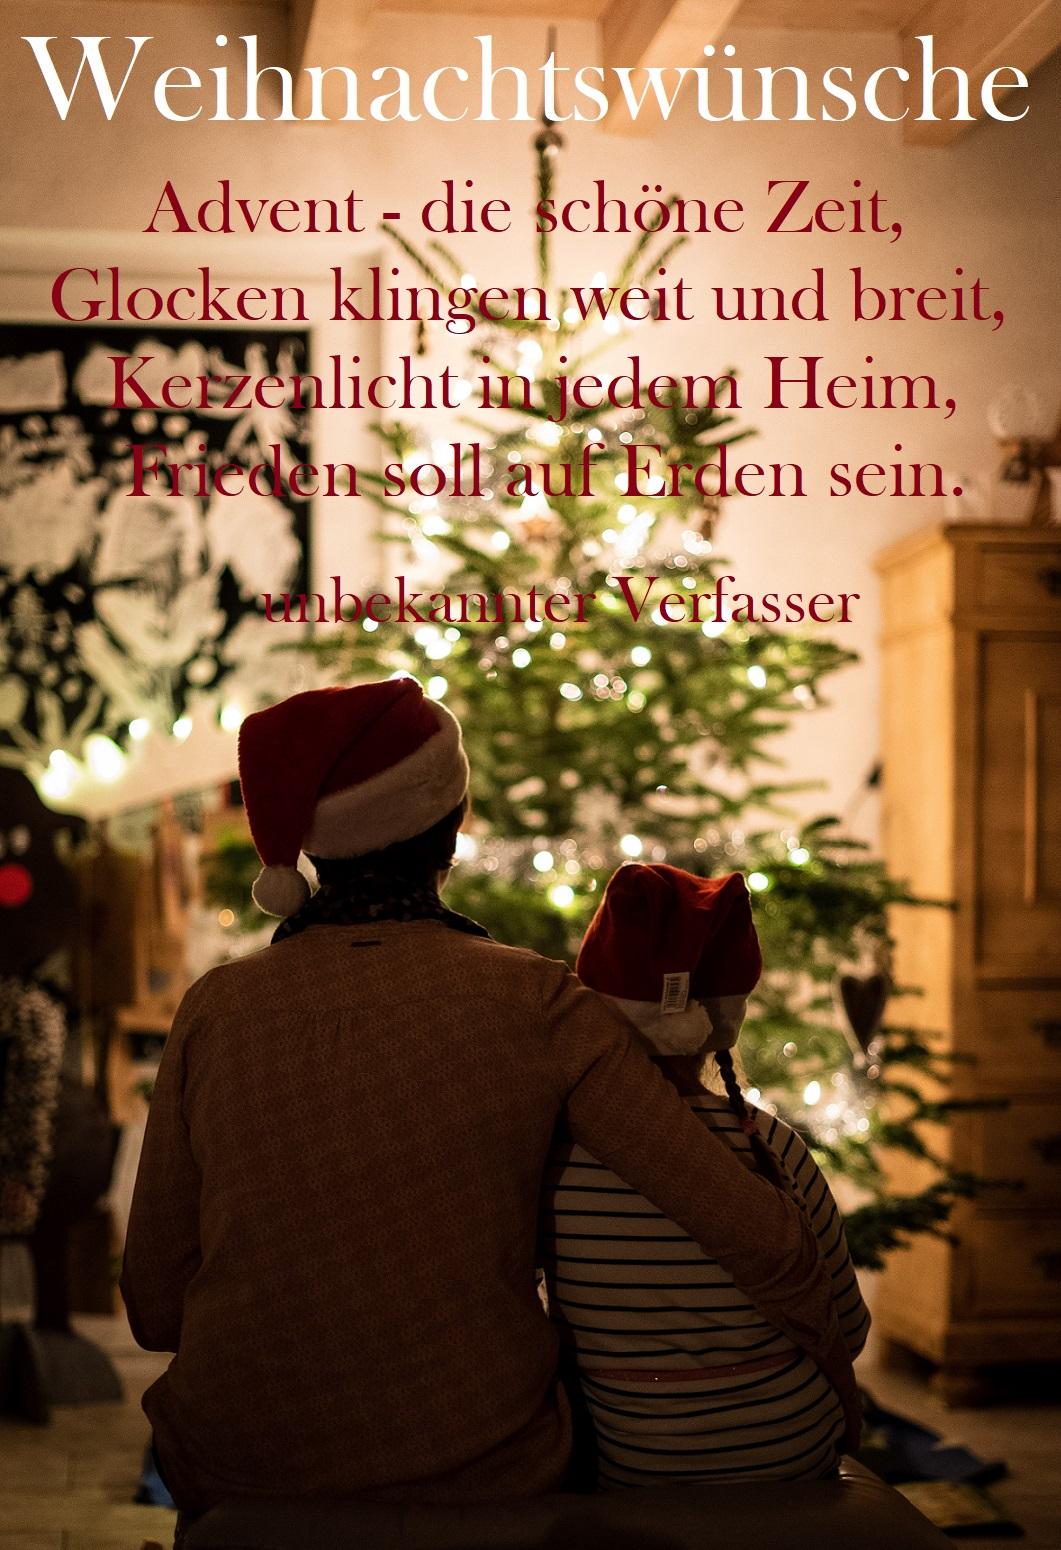 Schöne Weihnachtswünsche